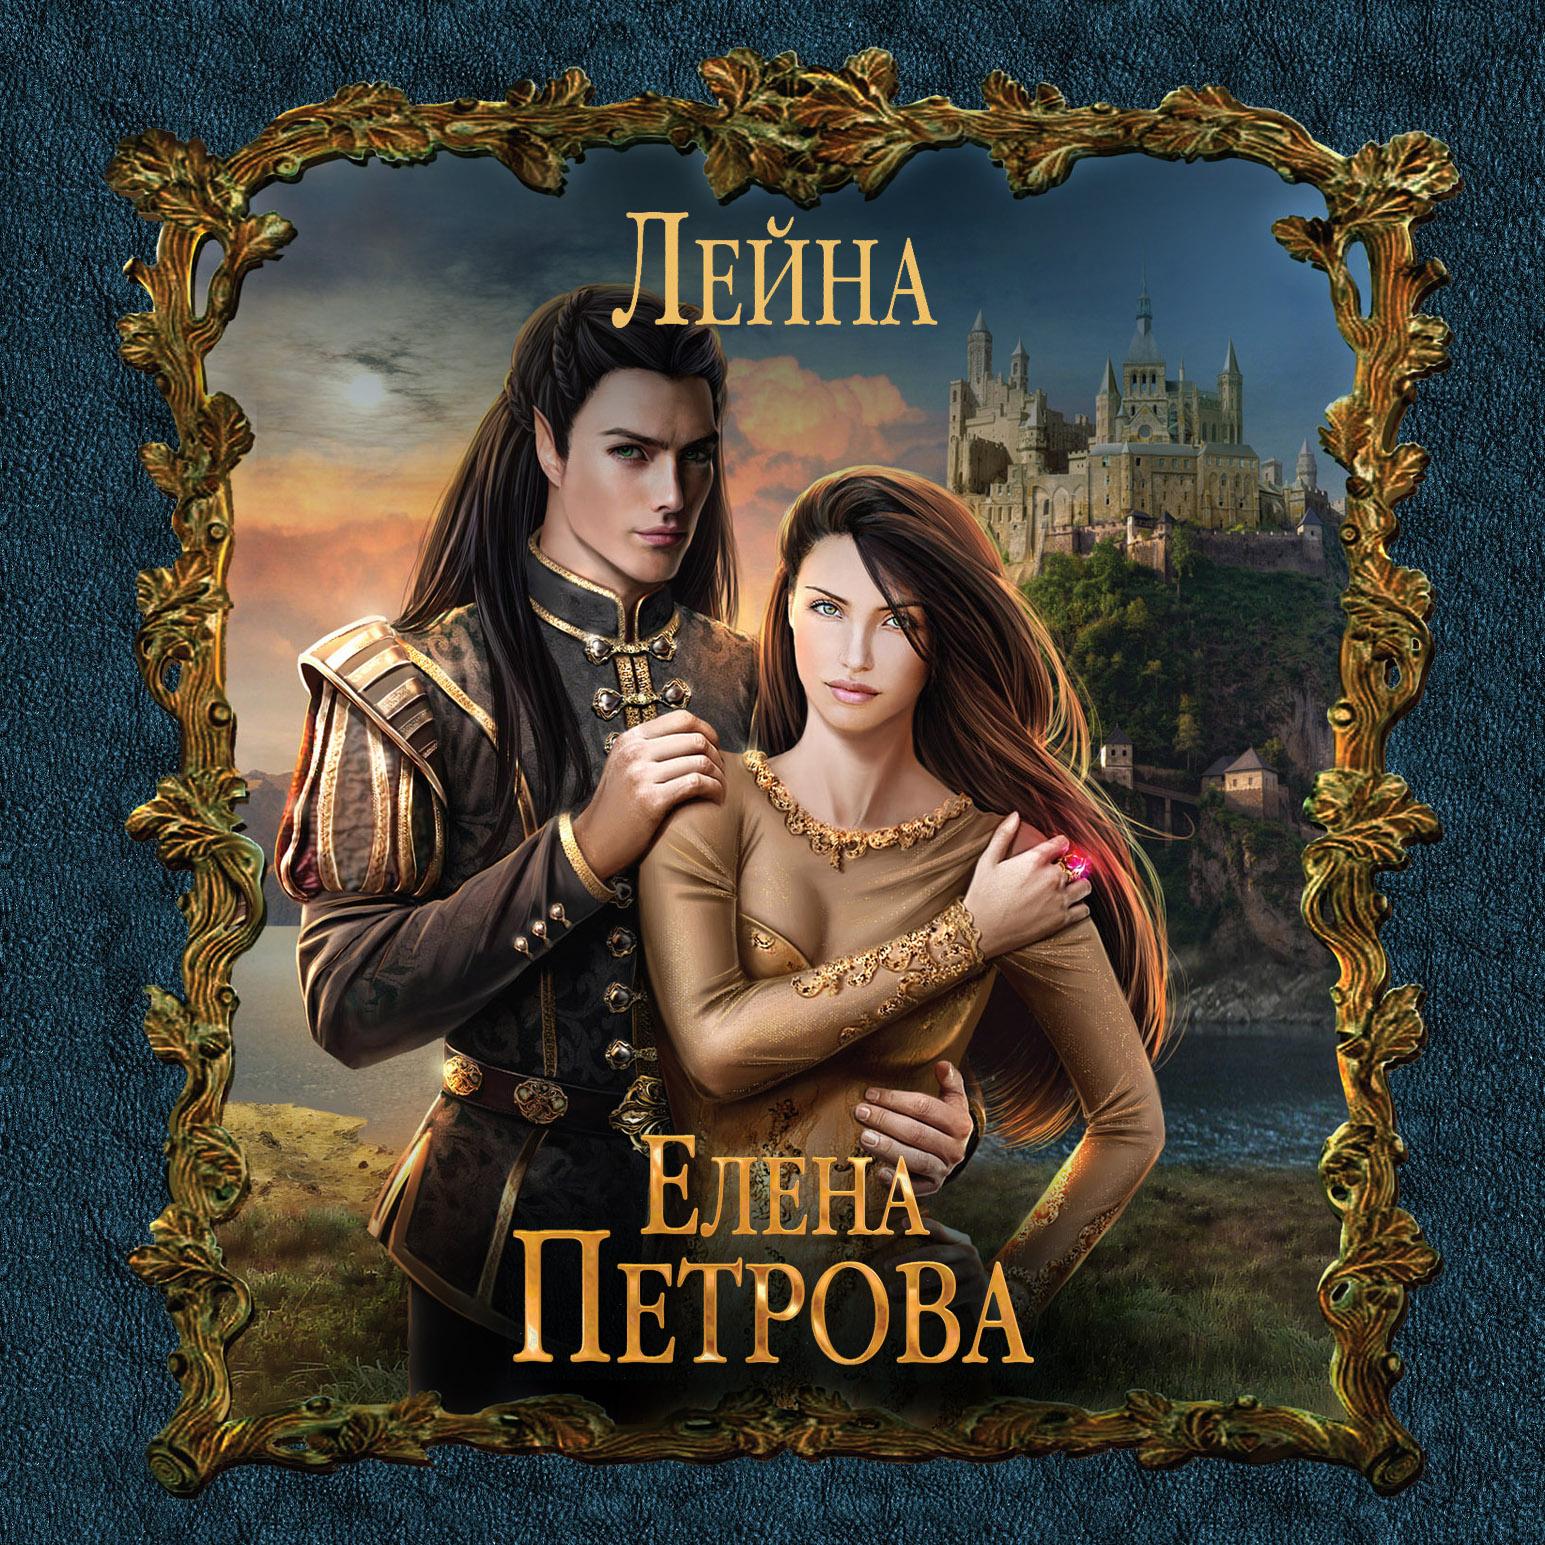 Елена Петрова Лейна тьерри робберехт верните меня в книжку